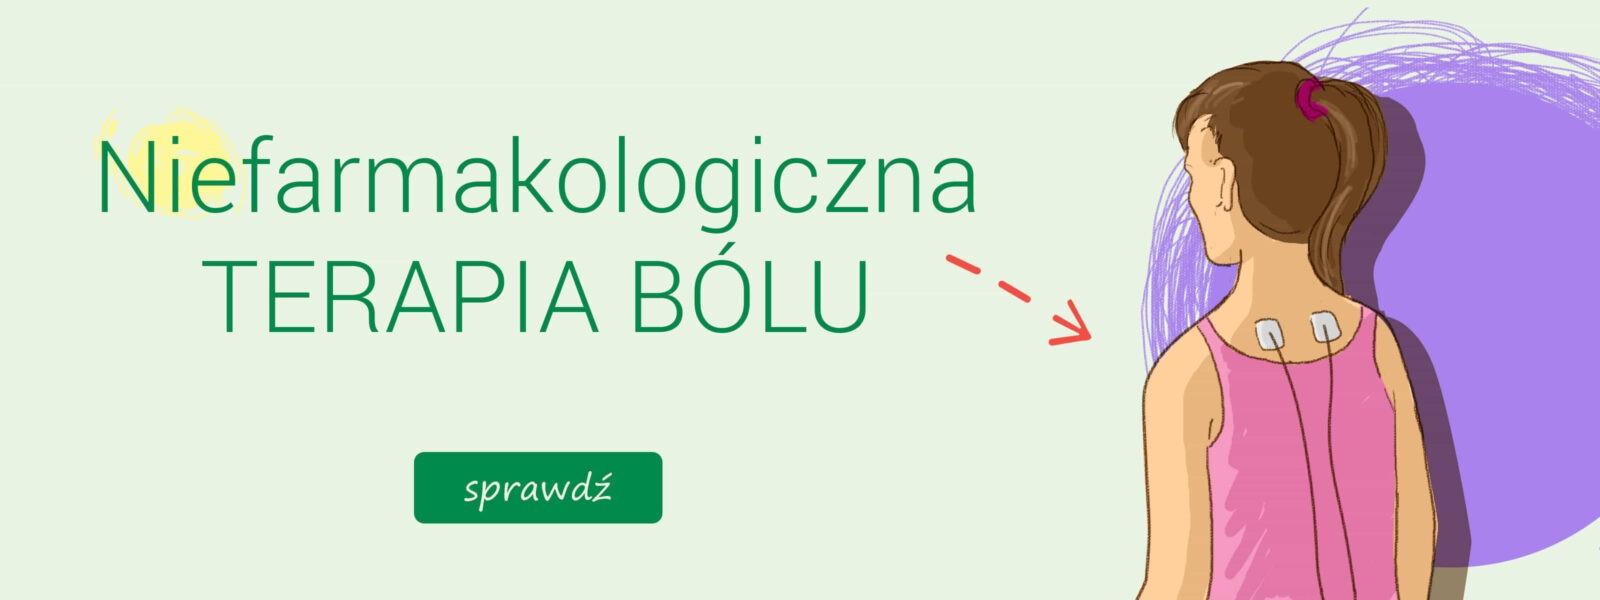 Terapia bólu Fizjoterapia Panaceum Kraków Paweł Czarnocki